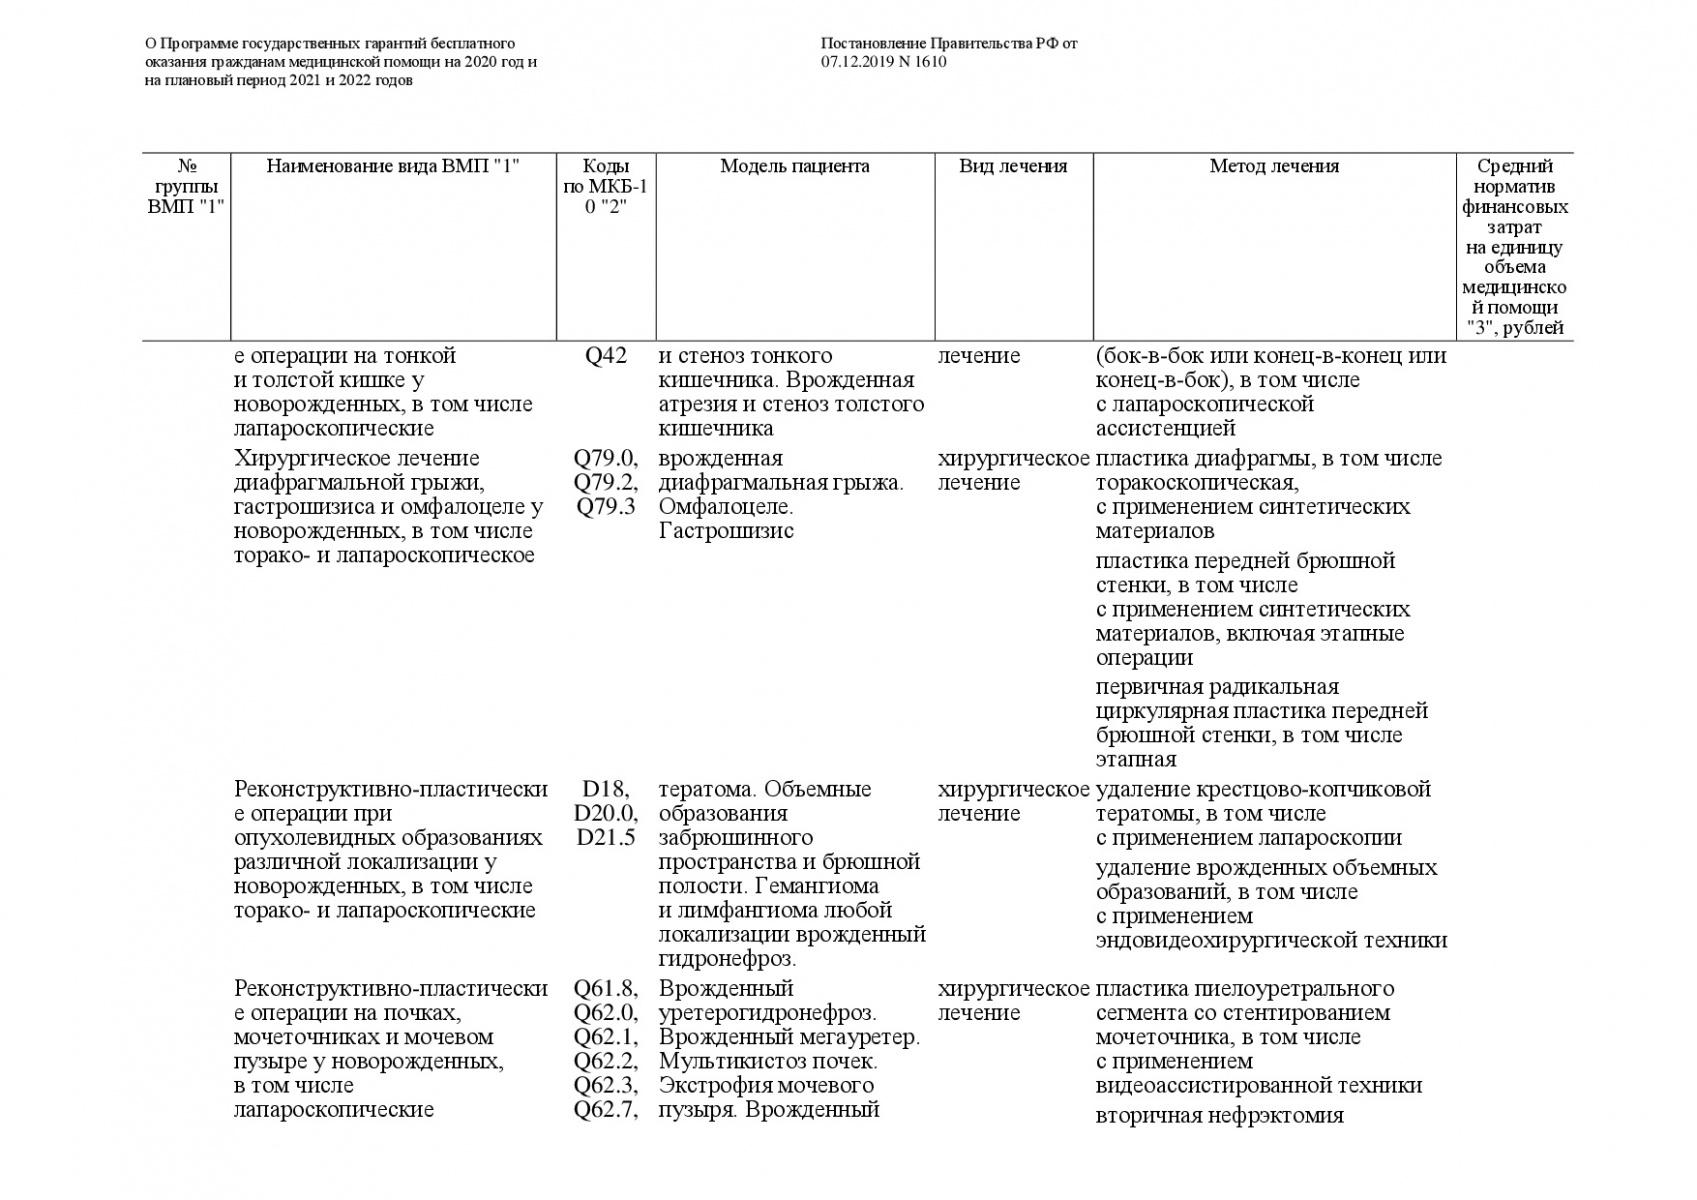 Postanovlenie-Pravitelstva-RF-ot-07_12_2019-1610-O-PGG-149